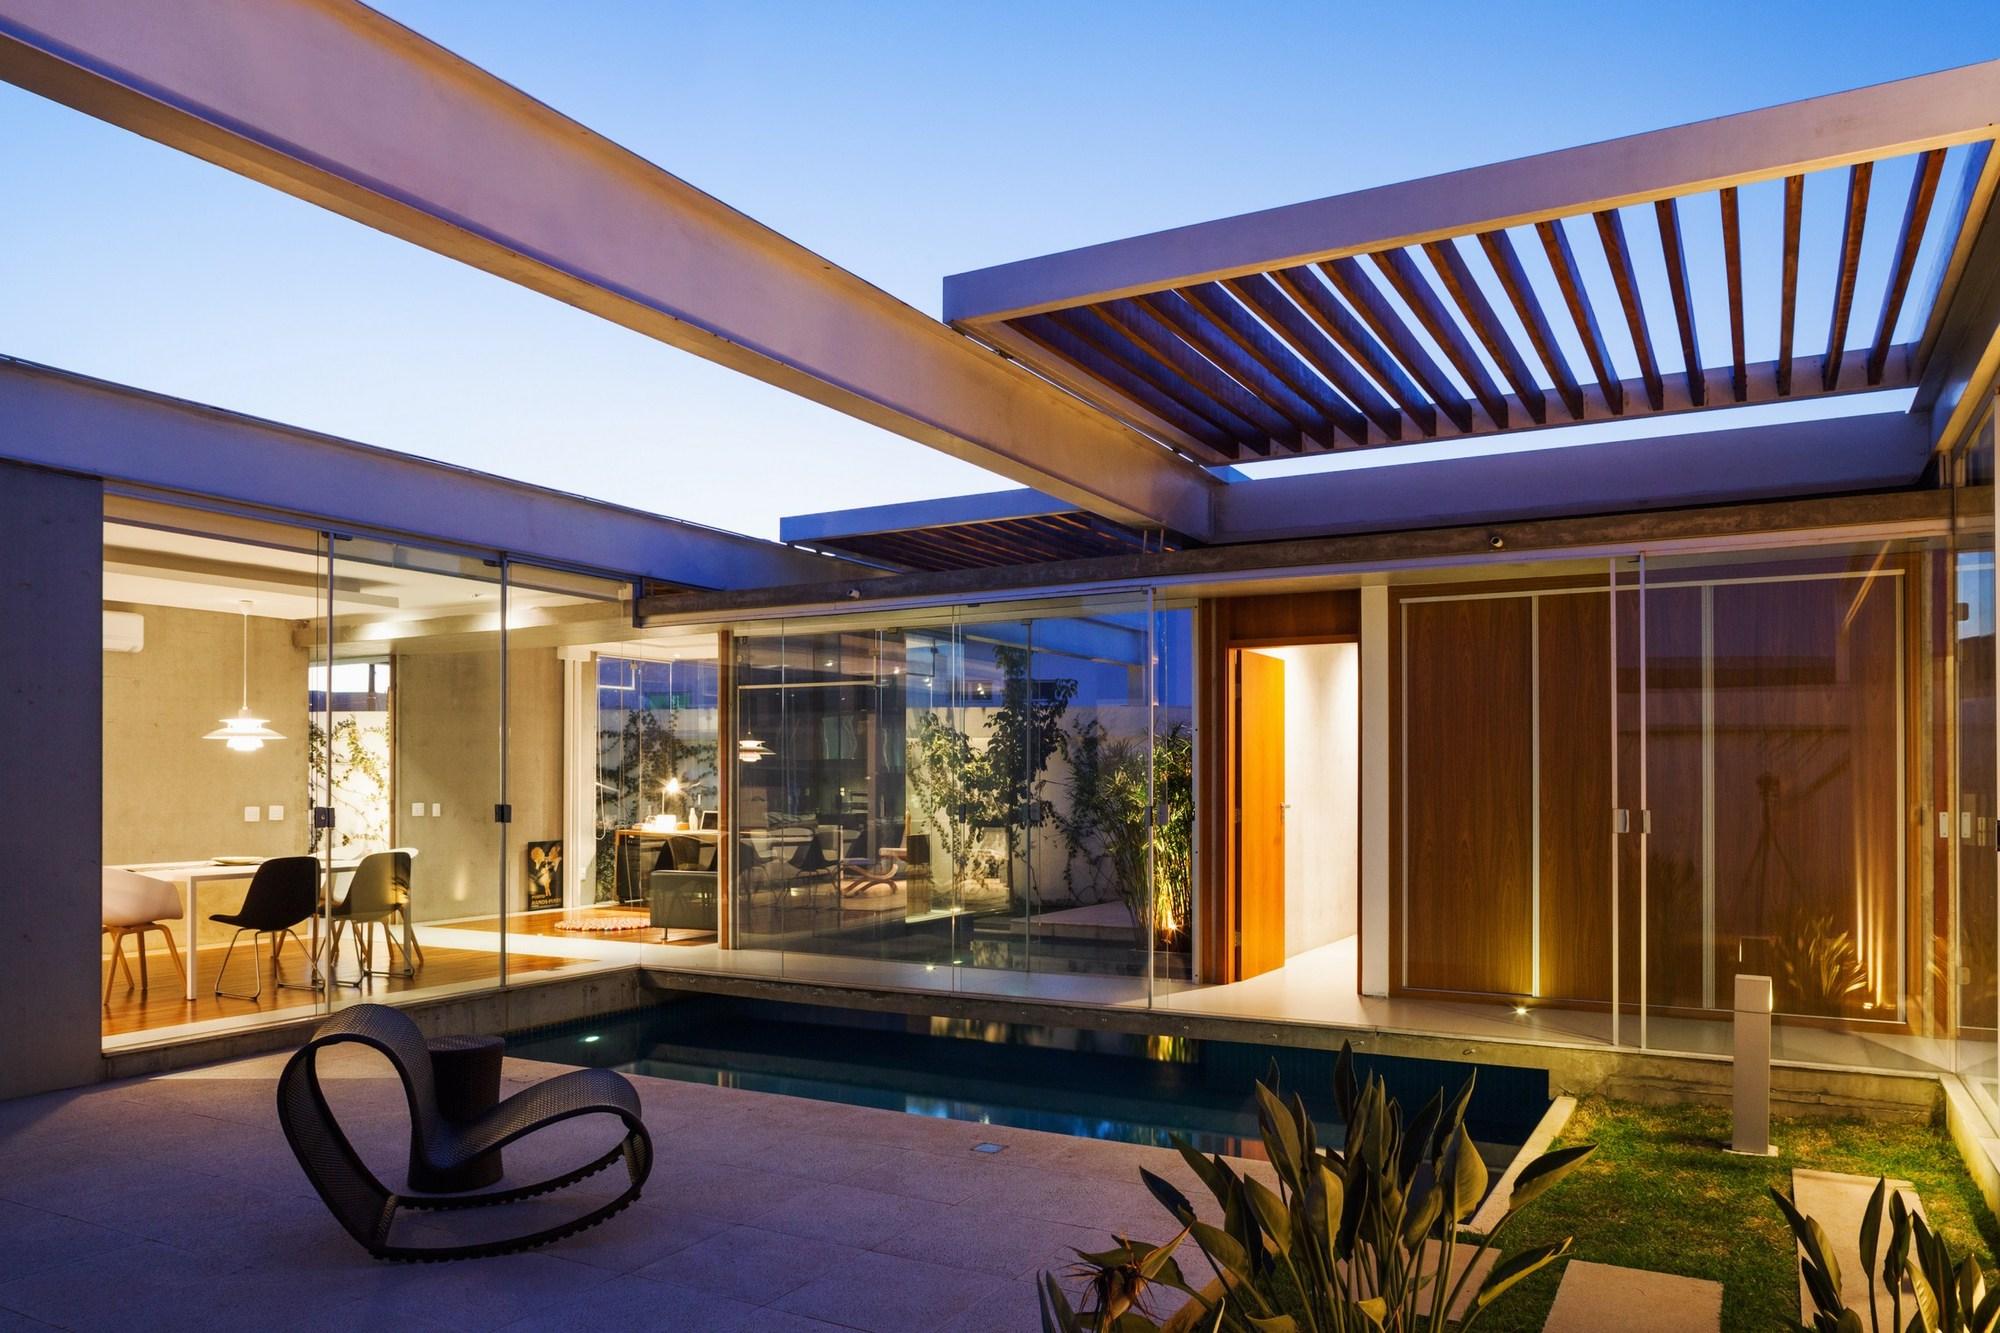 Galeria de casa das p rgolas deslizantes fgmf arquitetos 3 for Mobiliario piscina